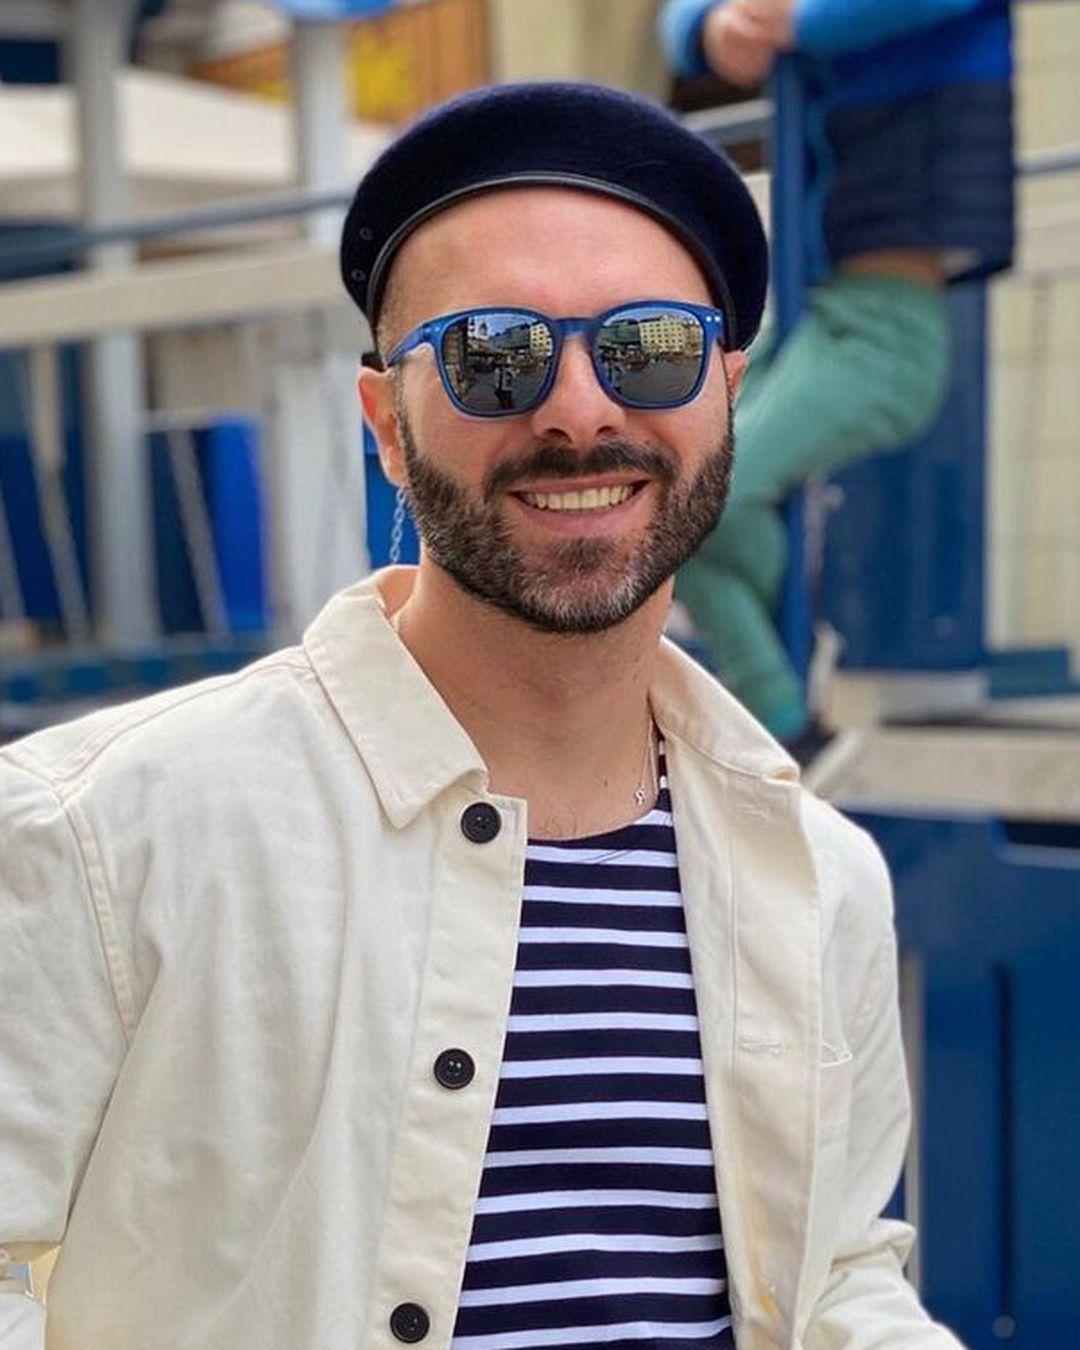 PR menadžer prezanimljivog stila: 'Instagram je uništio originalnost, ne čudi da svi hodaju gradom isti'